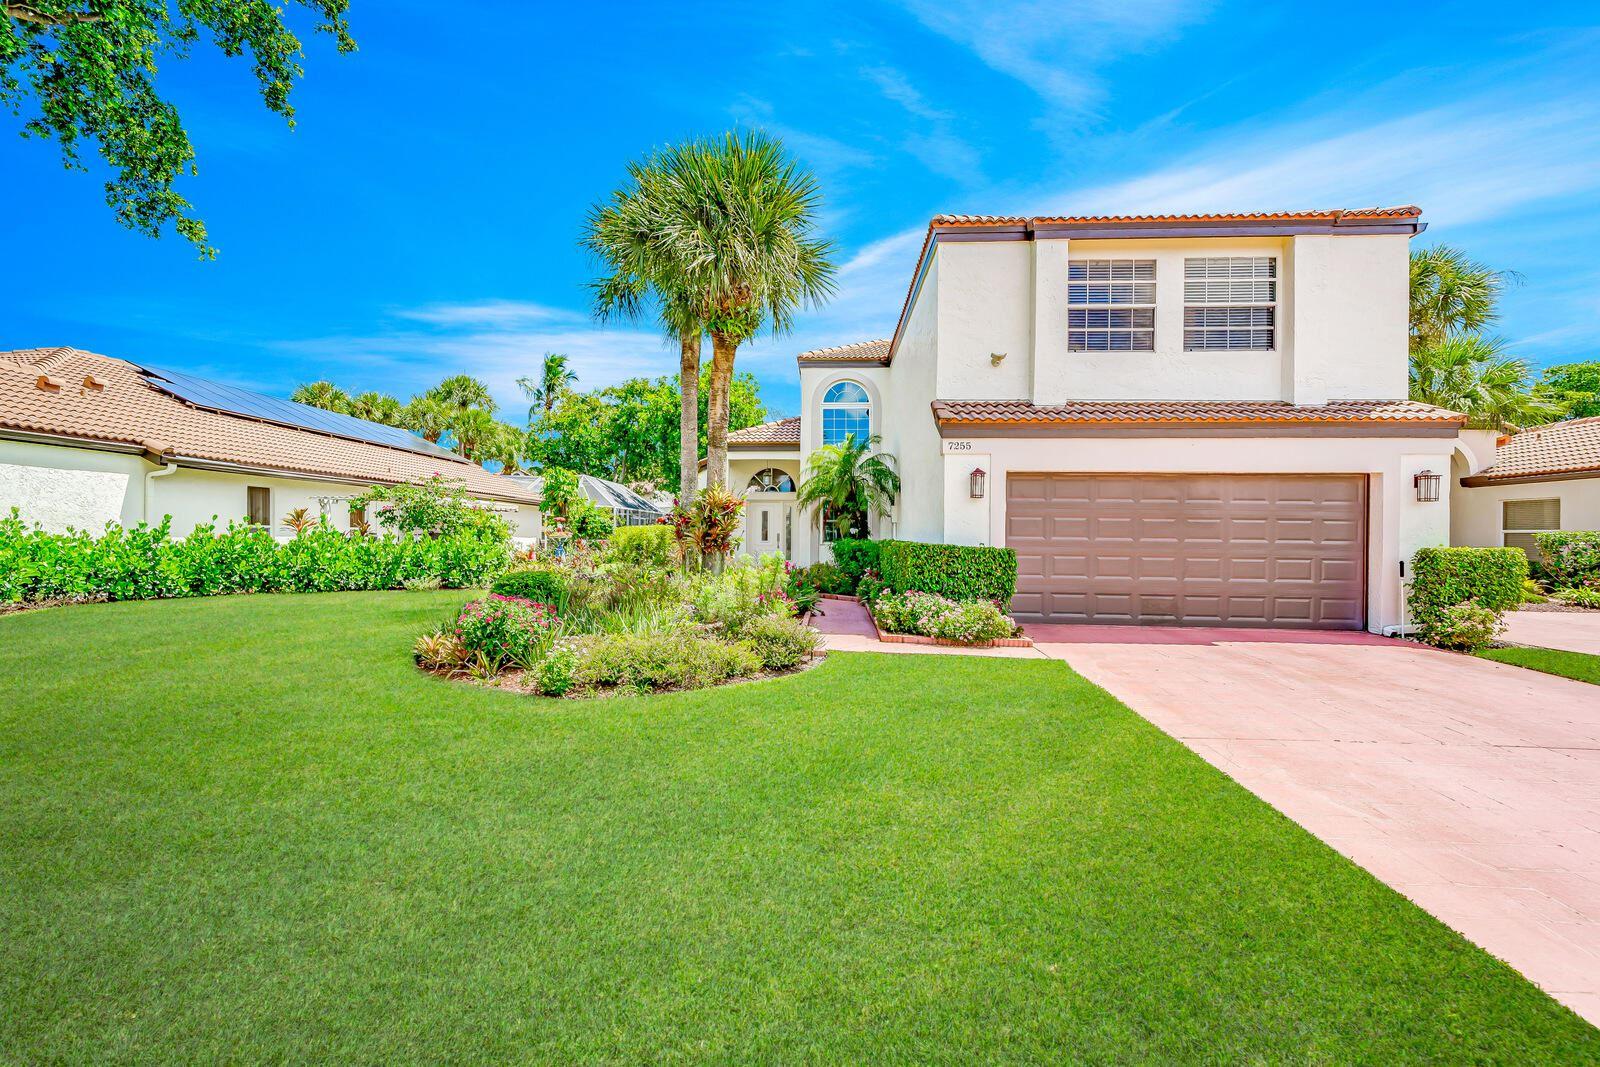 7255 Via Palomar, Boca Raton, FL 33433 - MLS#: RX-10741087